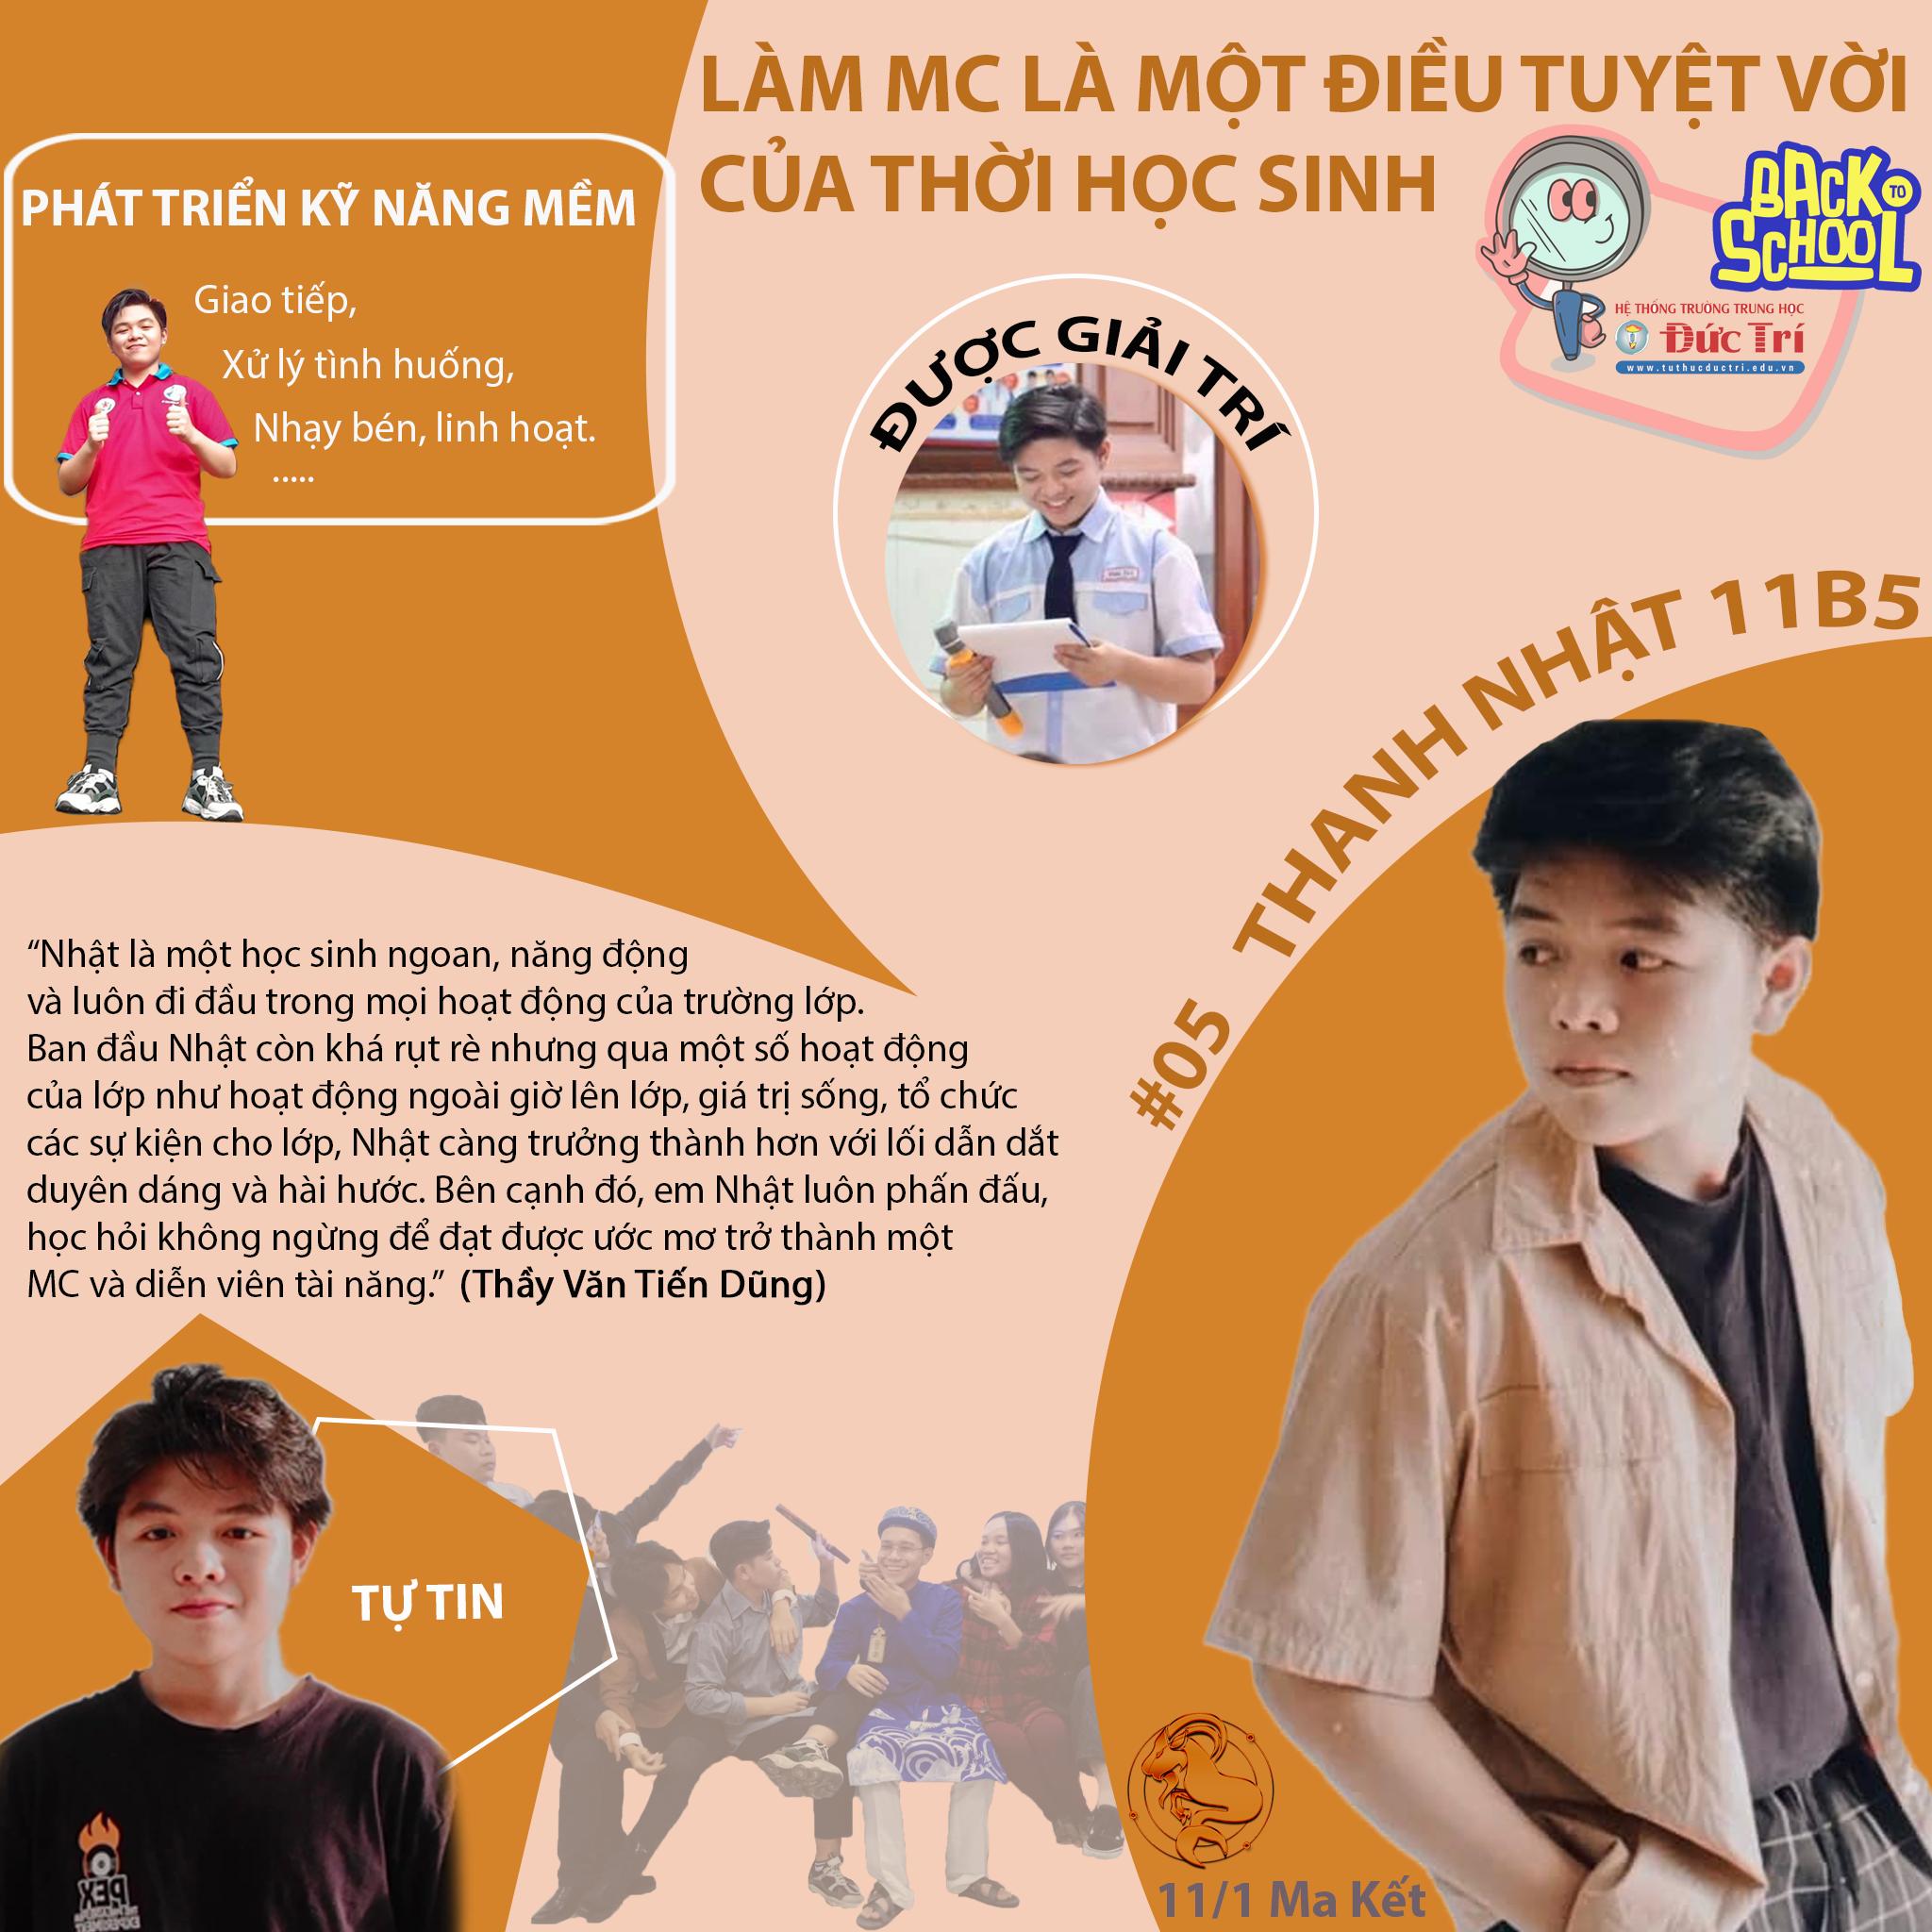 LÀM MC LÀ MỘT ĐIỀU TUYỆT VỜI CỦA THỜI HỌC SINH #05 PHỎNG VẤN BẠN THANH NHẬT 11B5